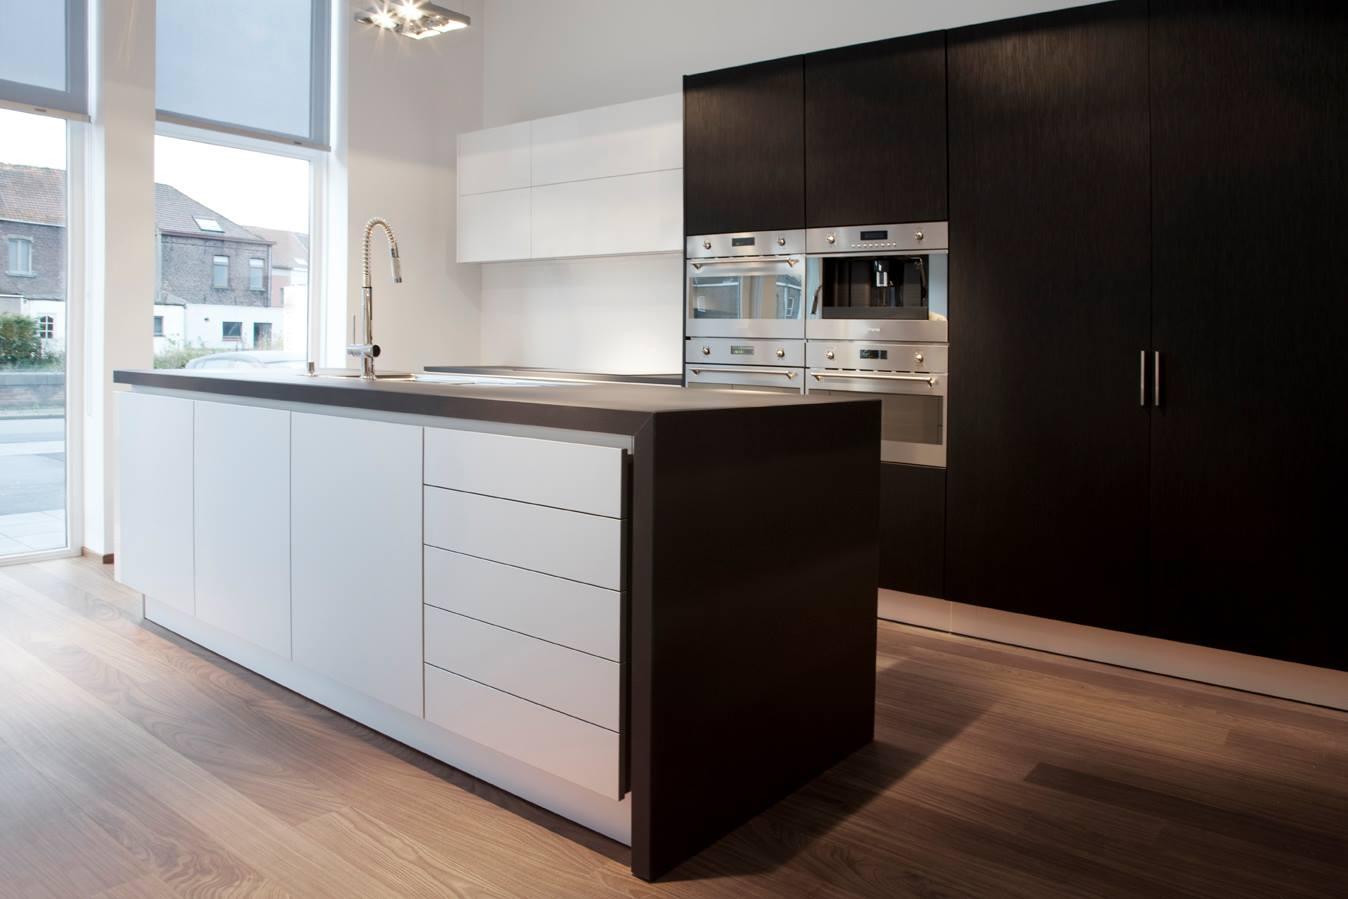 techlamencimeras-de-cocina-encimeras-porcelanicaslevantina-encimerastres-cantos-cocinas-cocinas-con-techlamespacios-techlam-4